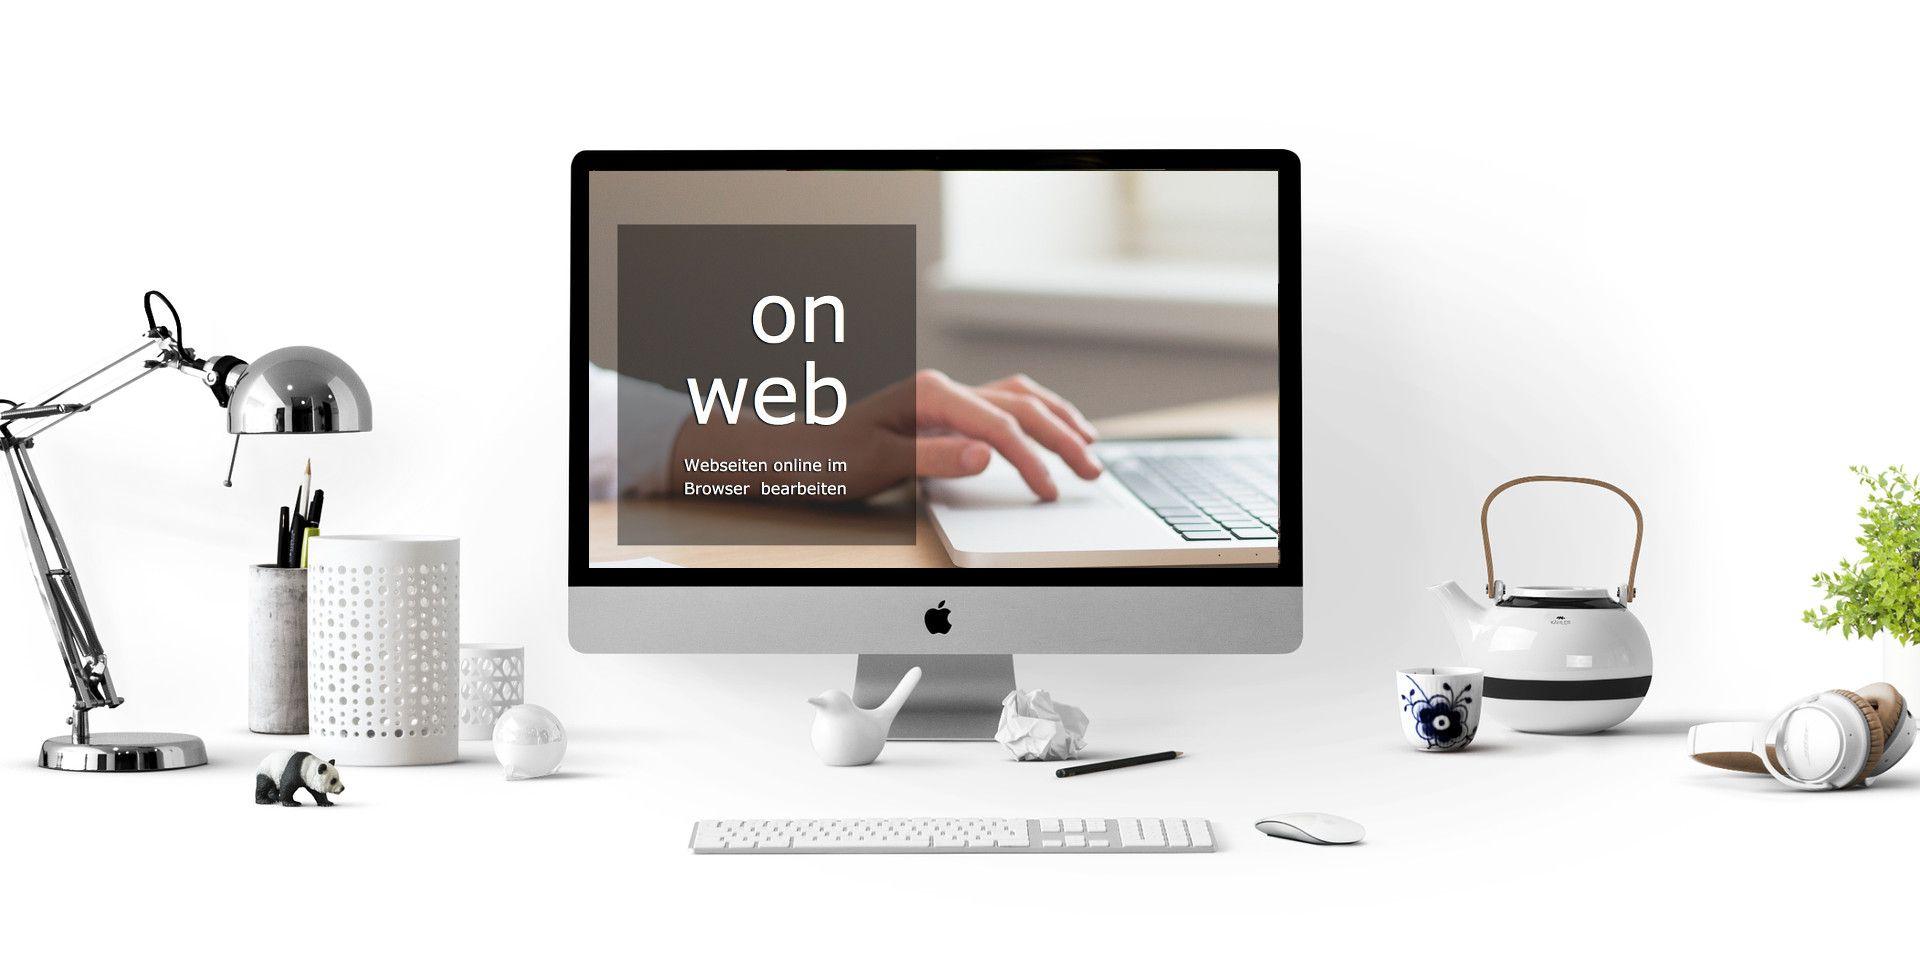 CMS onweb - online Webseiten im Browser WYSIWYG selbst bearbeiten ...